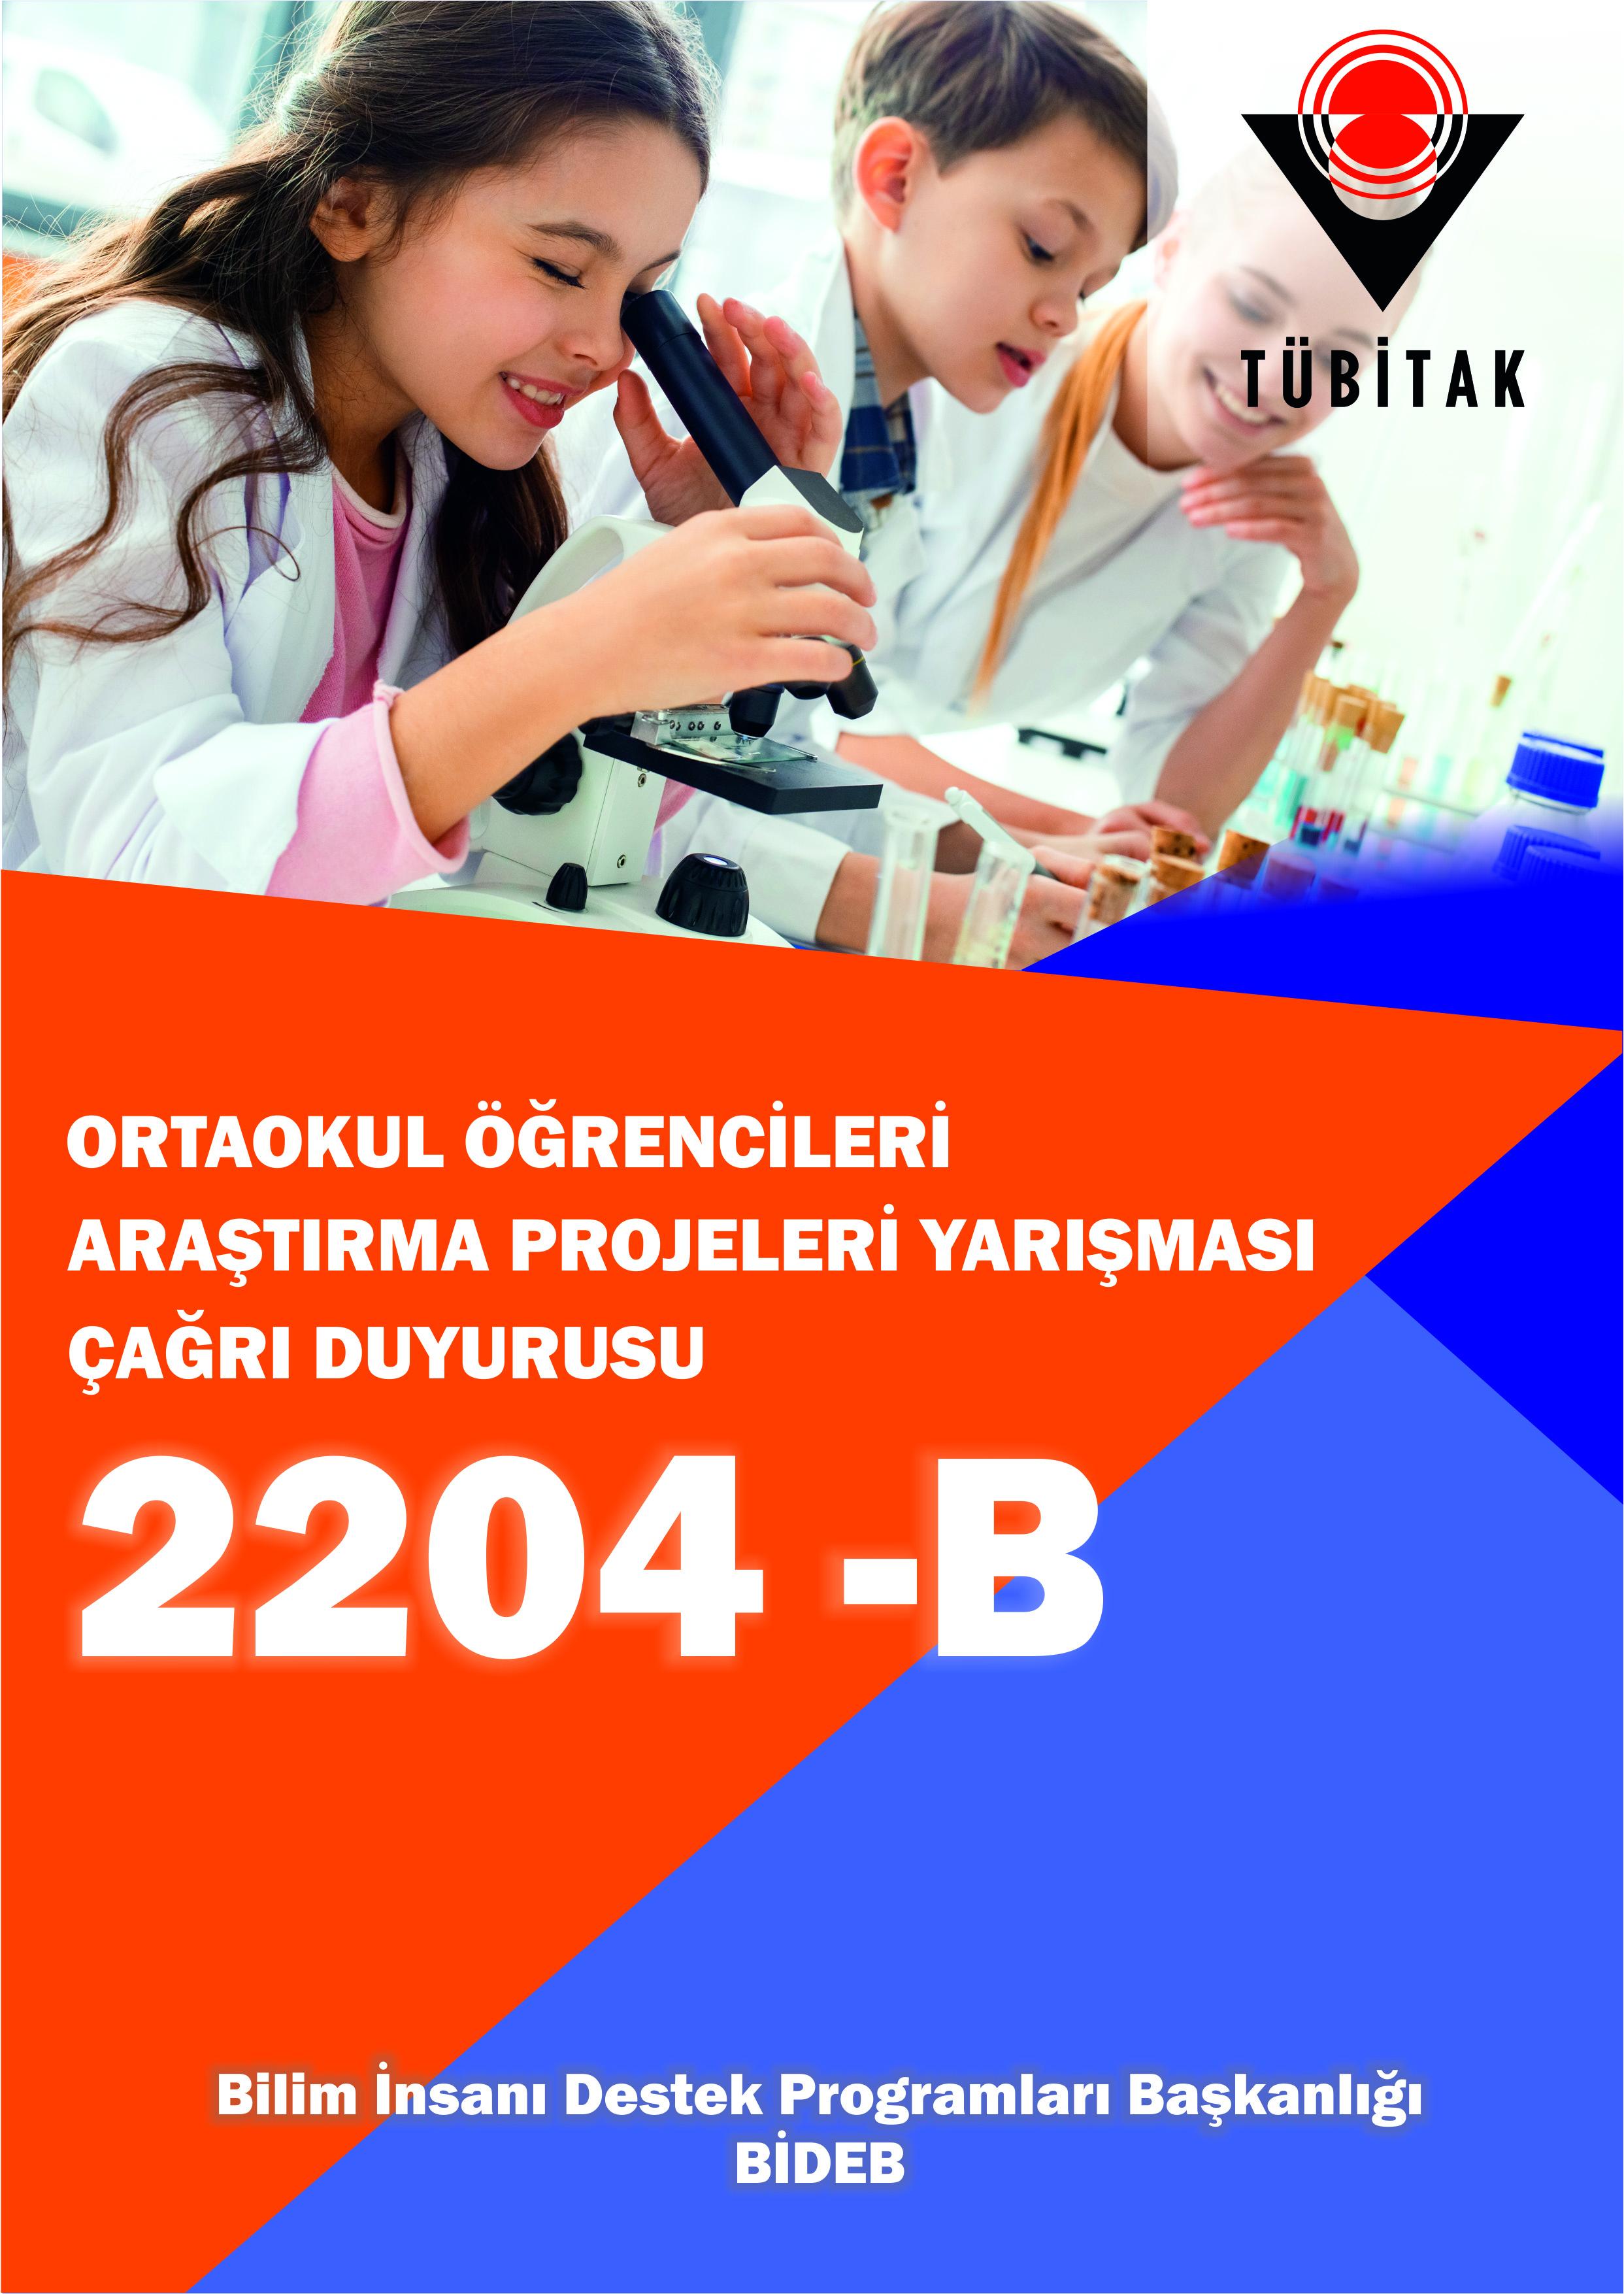 2204-B Ortaokul Öğrencileri Araştırma Projeleri Yarışması